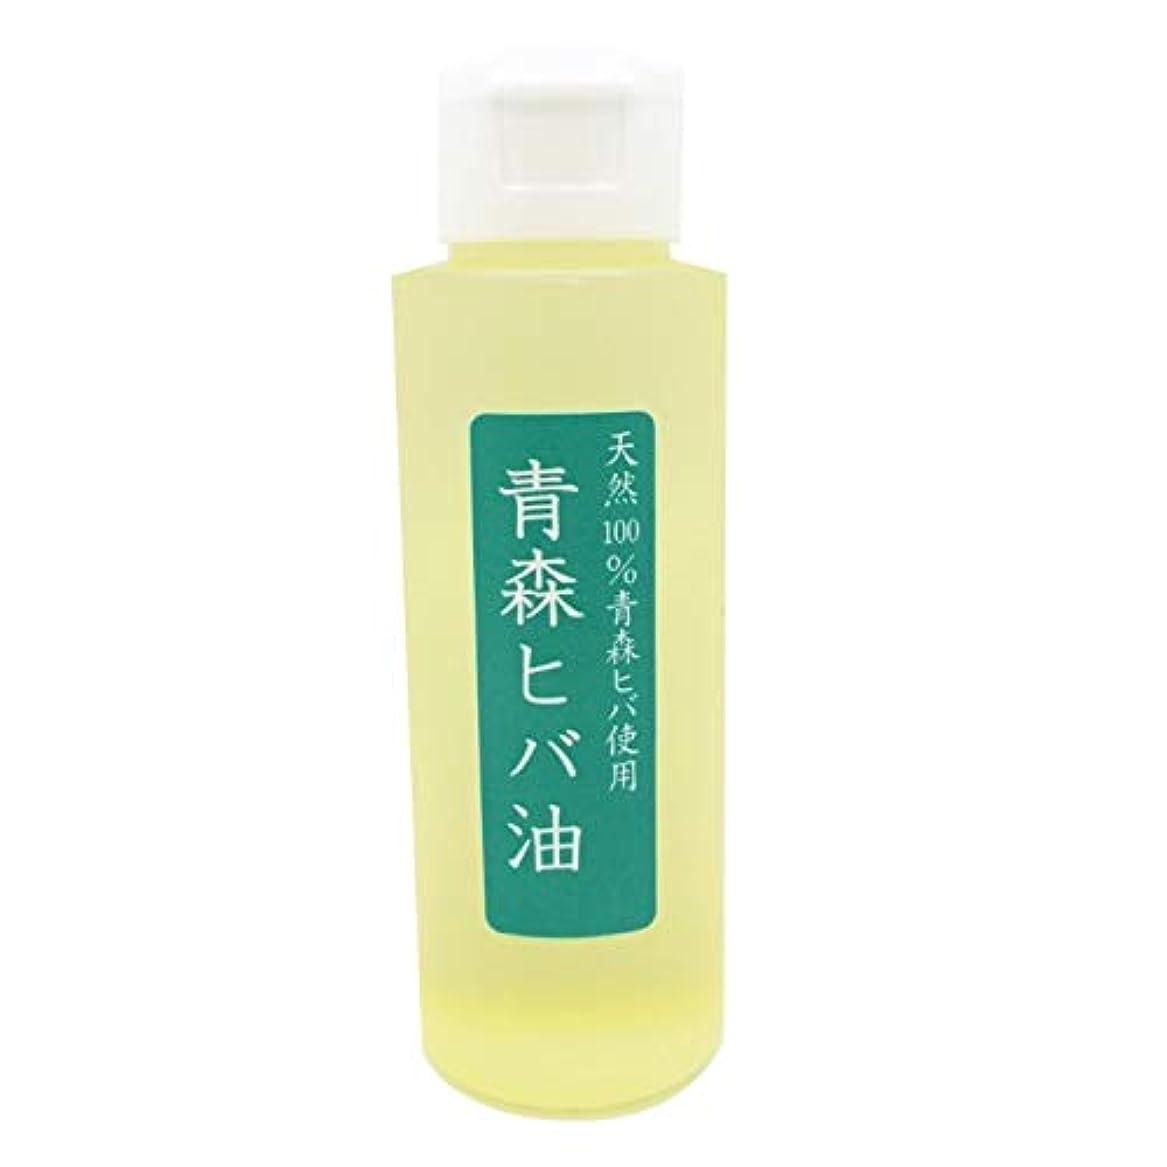 エロチックスペア自分の力ですべてをする天然青森ヒバオイル 100ml入 天然青森ヒバ 純度100%抽出オイル防虫 除菌 消臭 お風呂で癒し